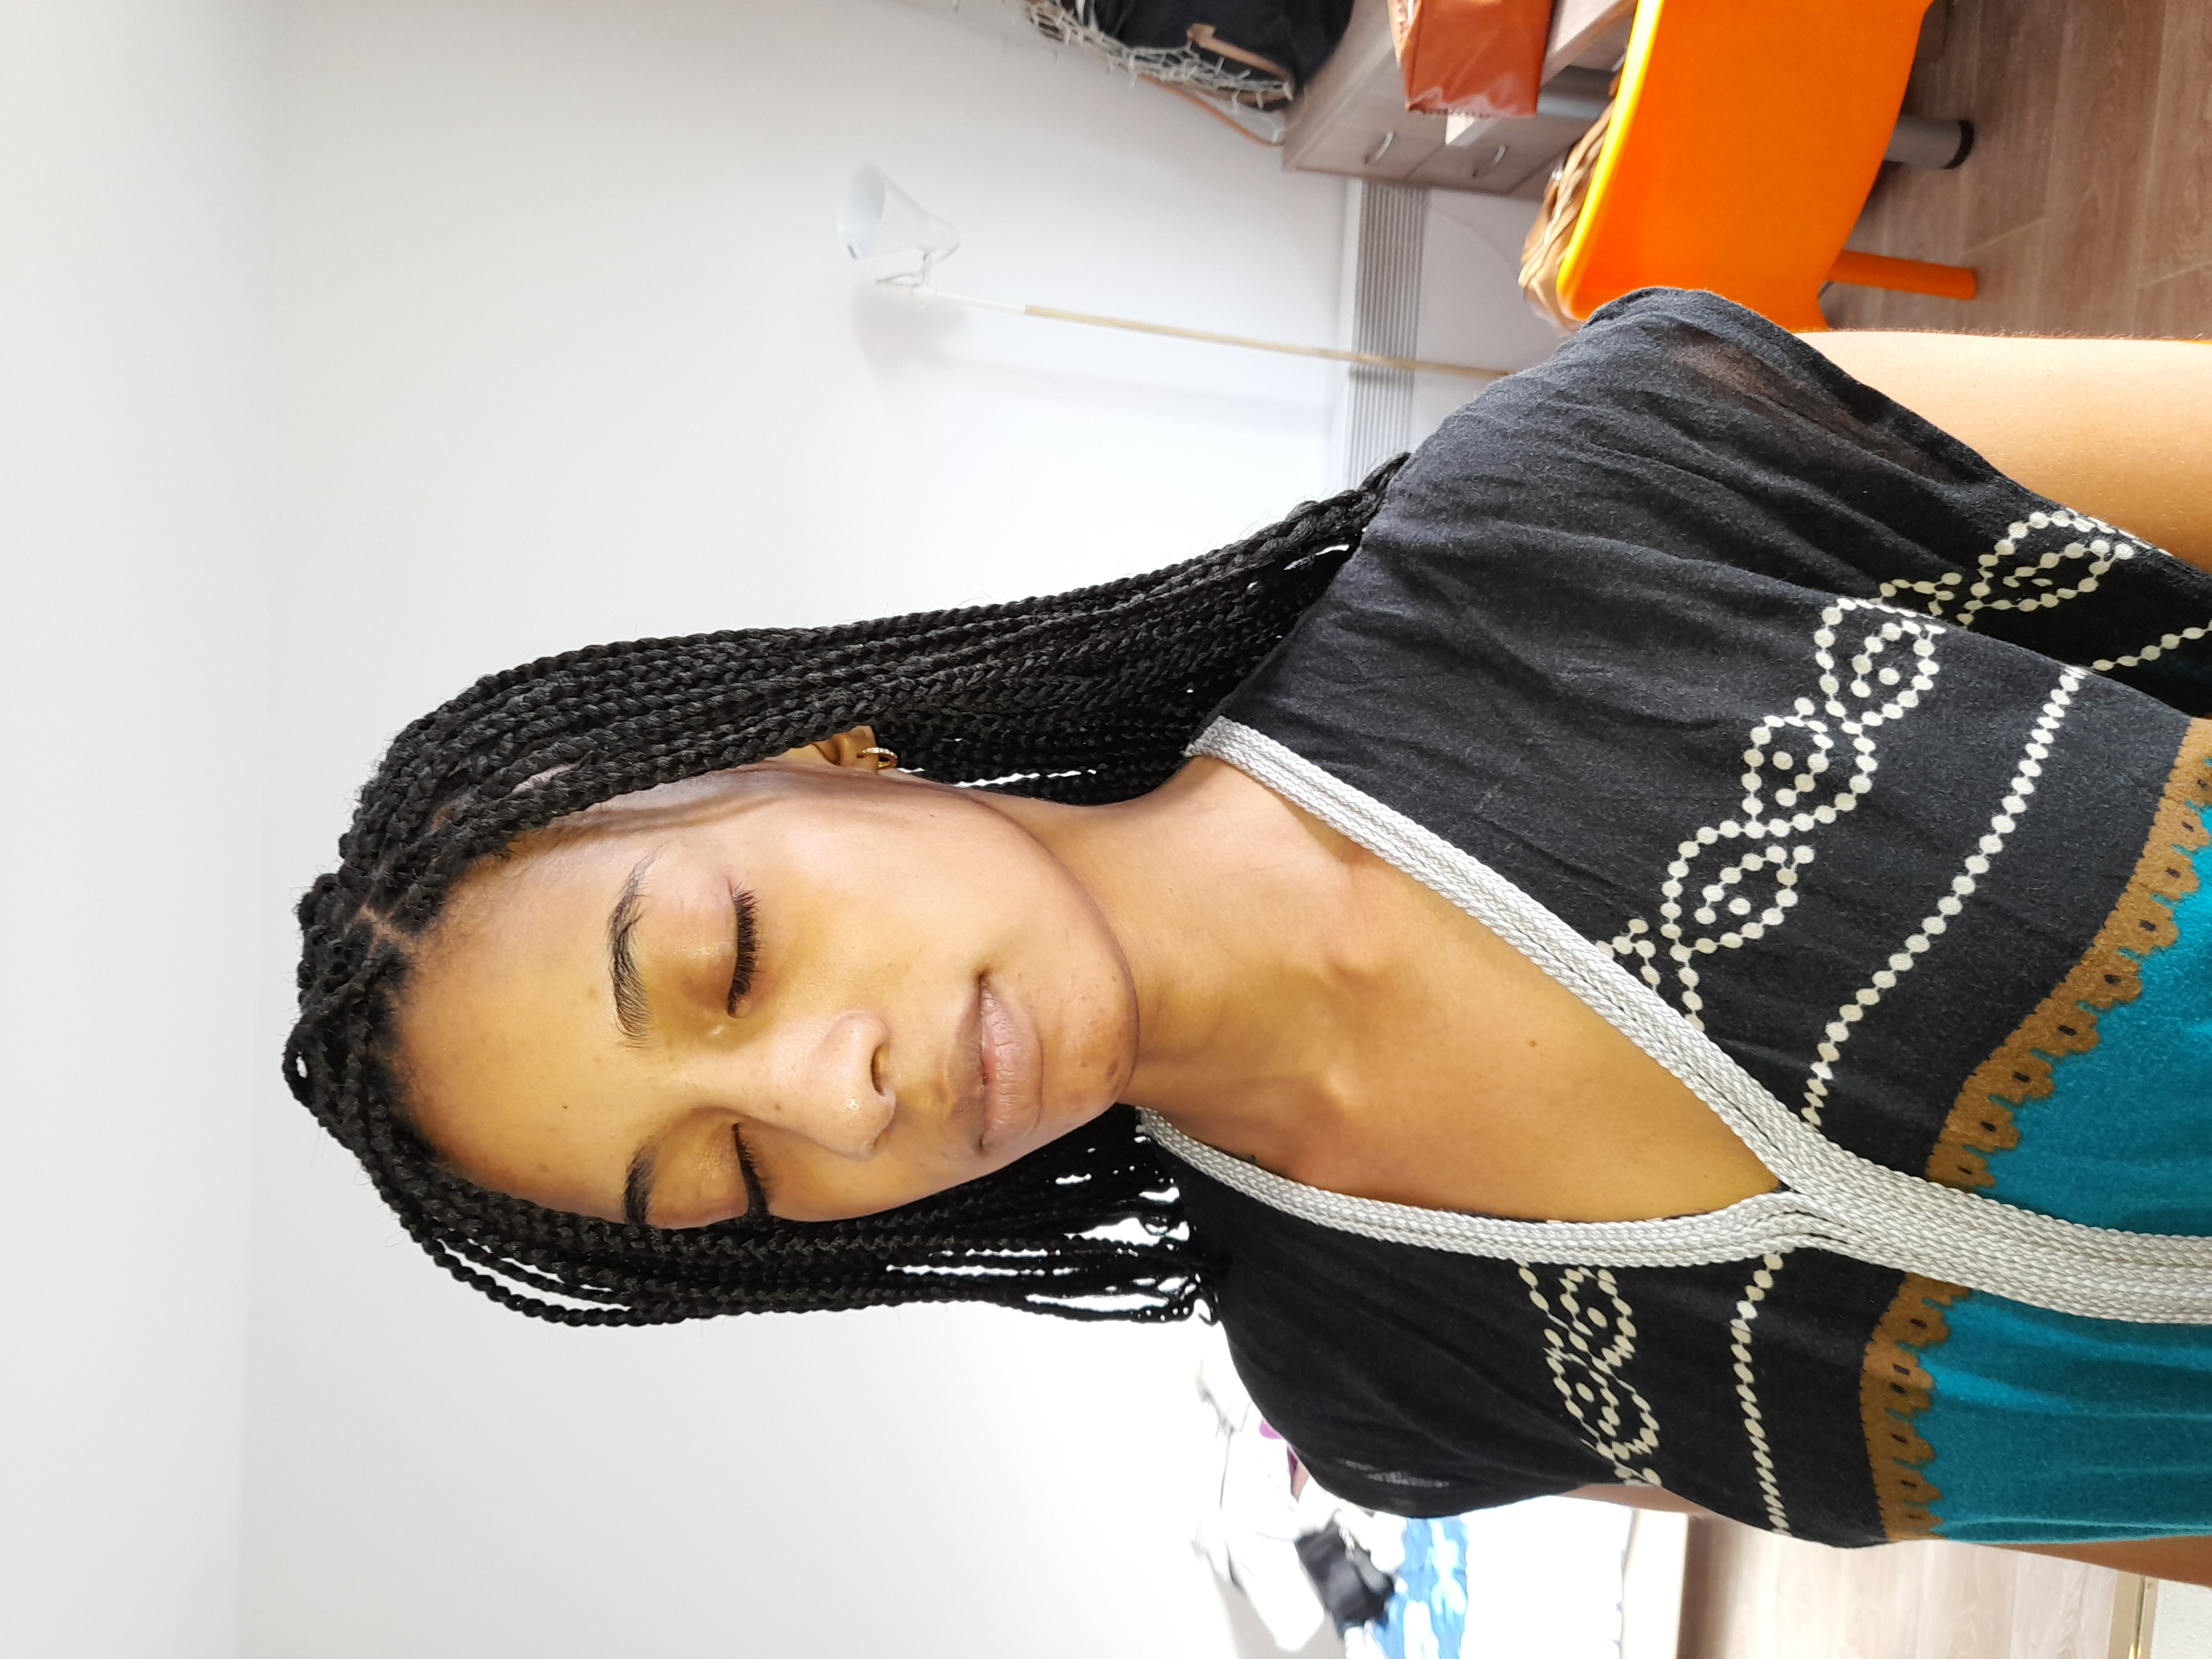 salon de coiffure afro tresse tresses box braids crochet braids vanilles tissages paris 75 77 78 91 92 93 94 95 LEQKBFKM